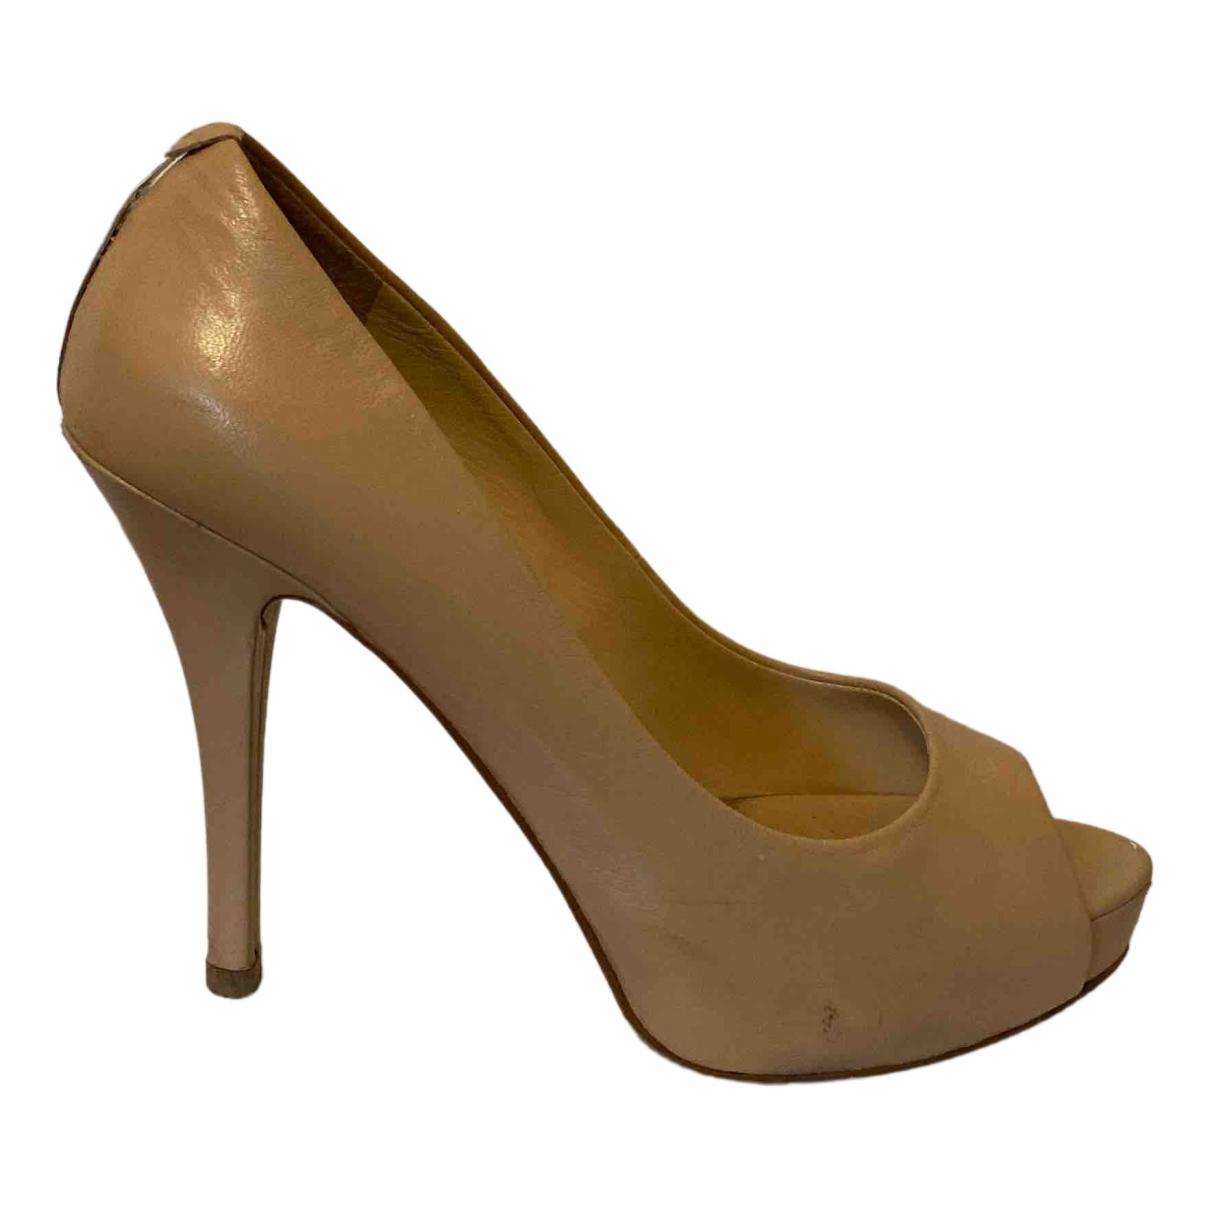 Guess - Escarpins   pour femme en cuir - beige